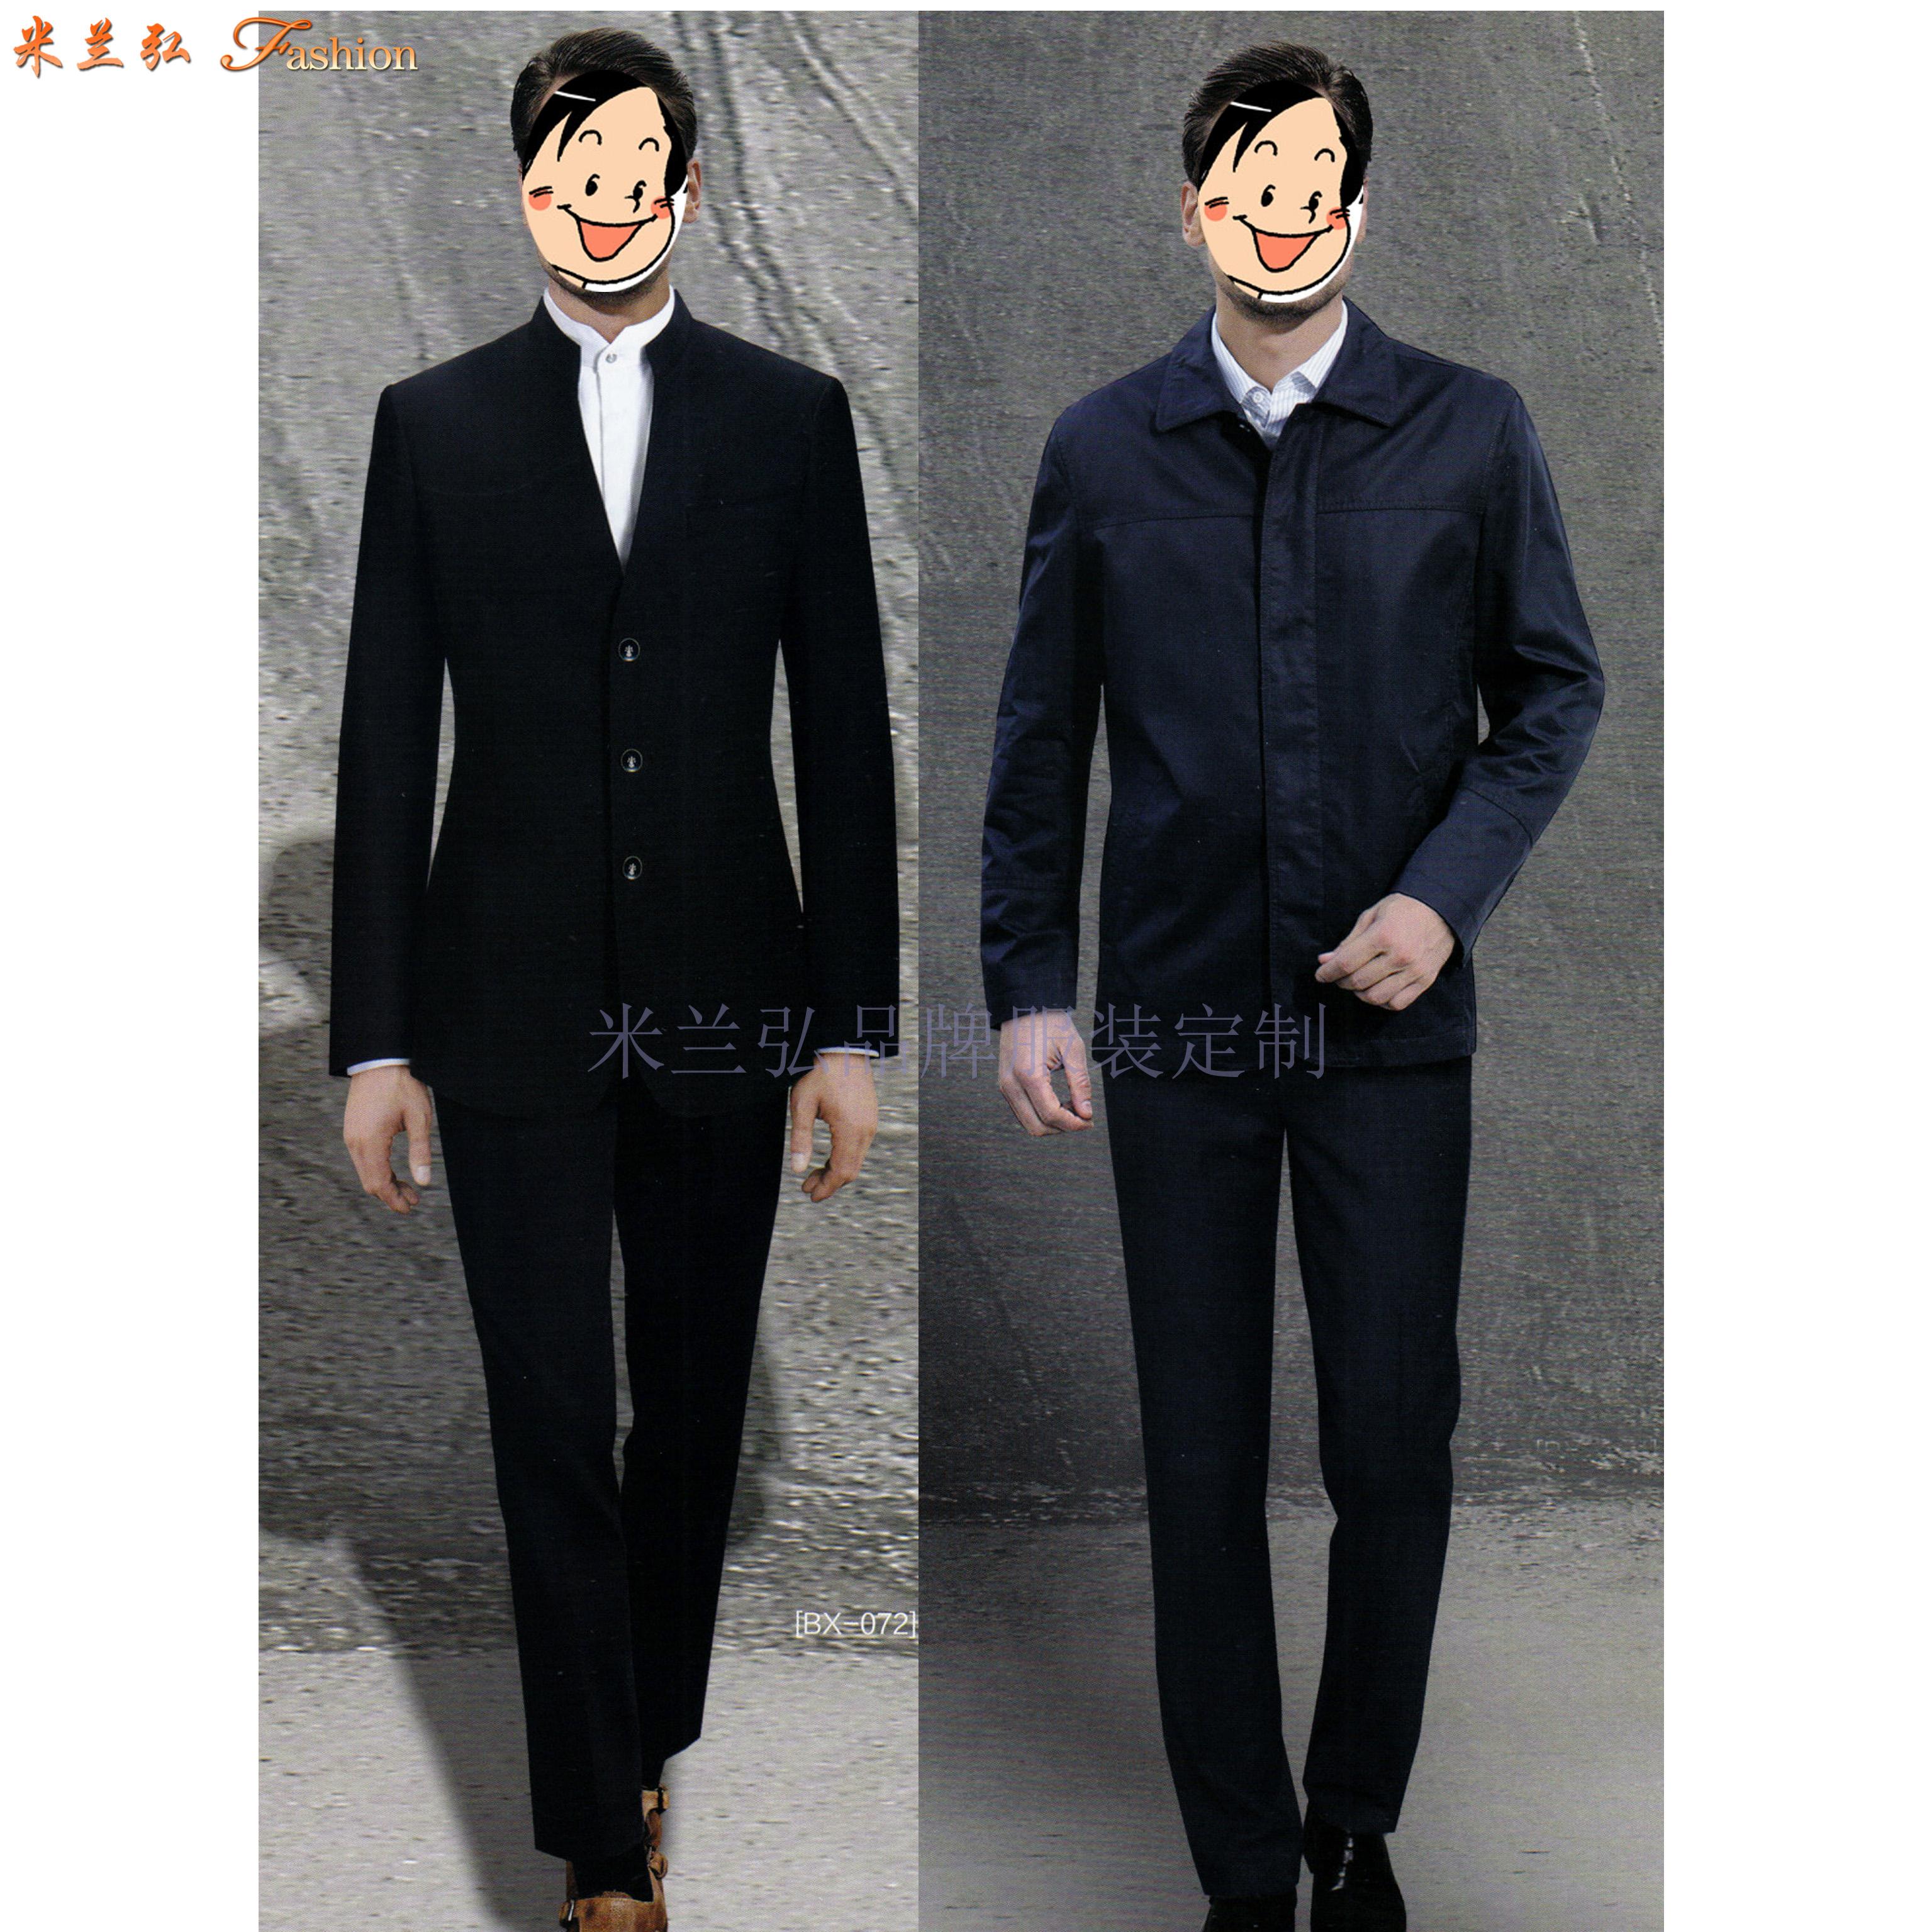 北京定制服裝公司_北京男裝定制品牌_北京服裝訂制店-2